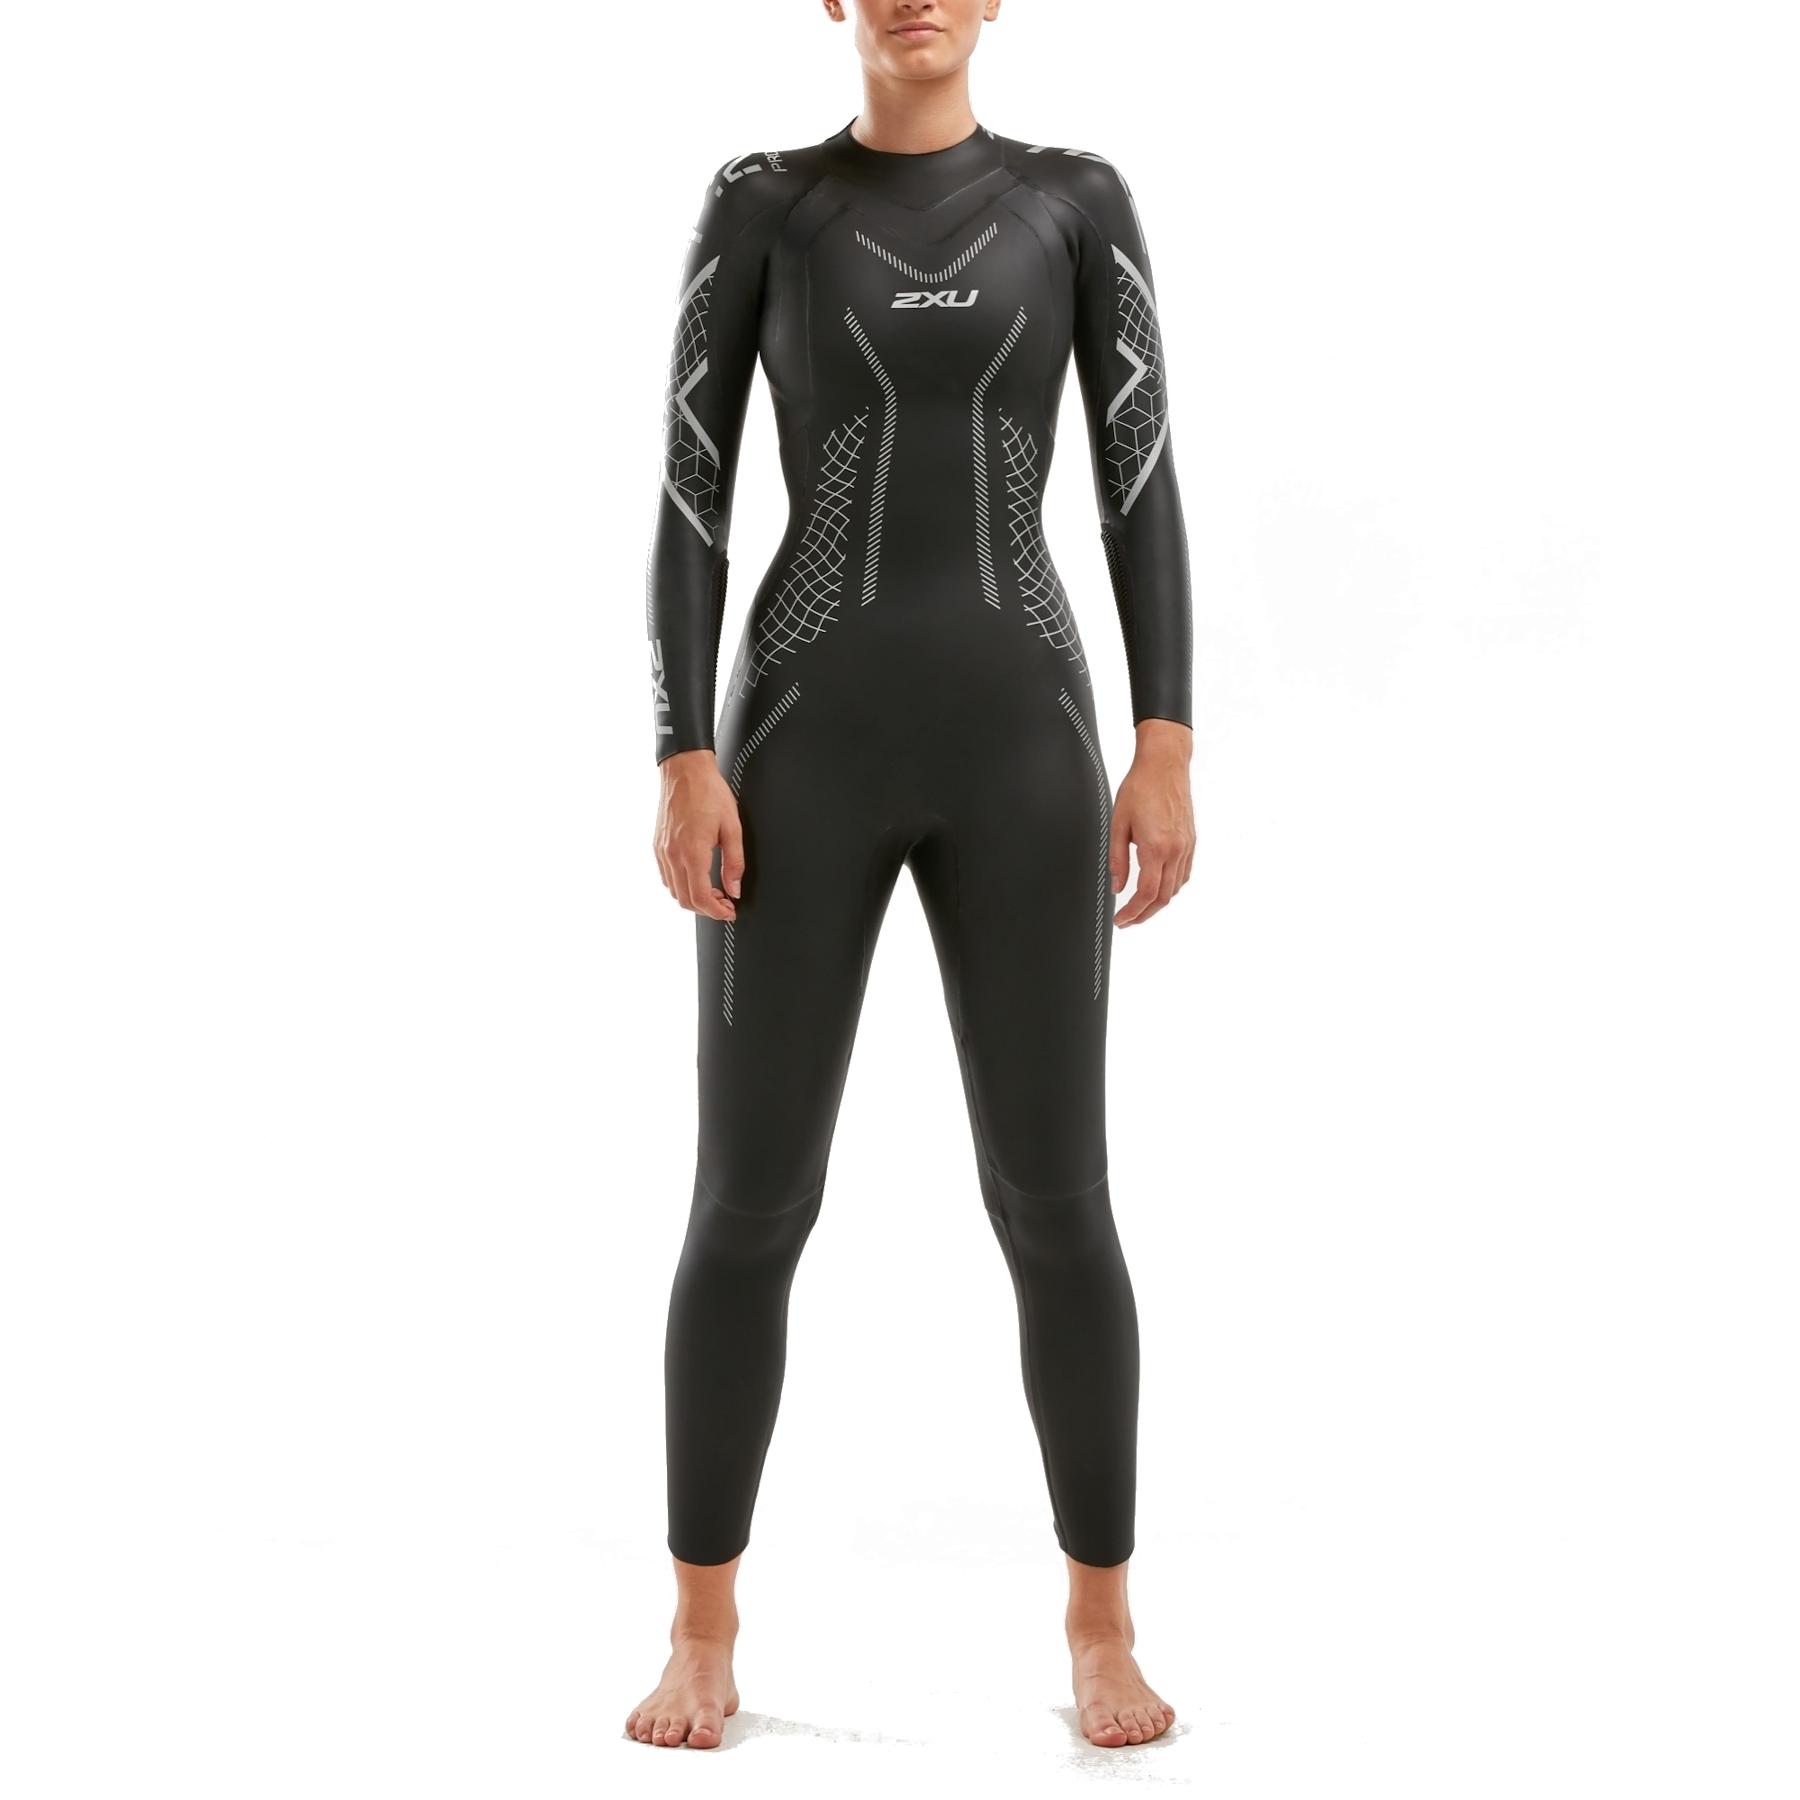 2XU Women's P:2 Propel Wetsuit - black/textural geo